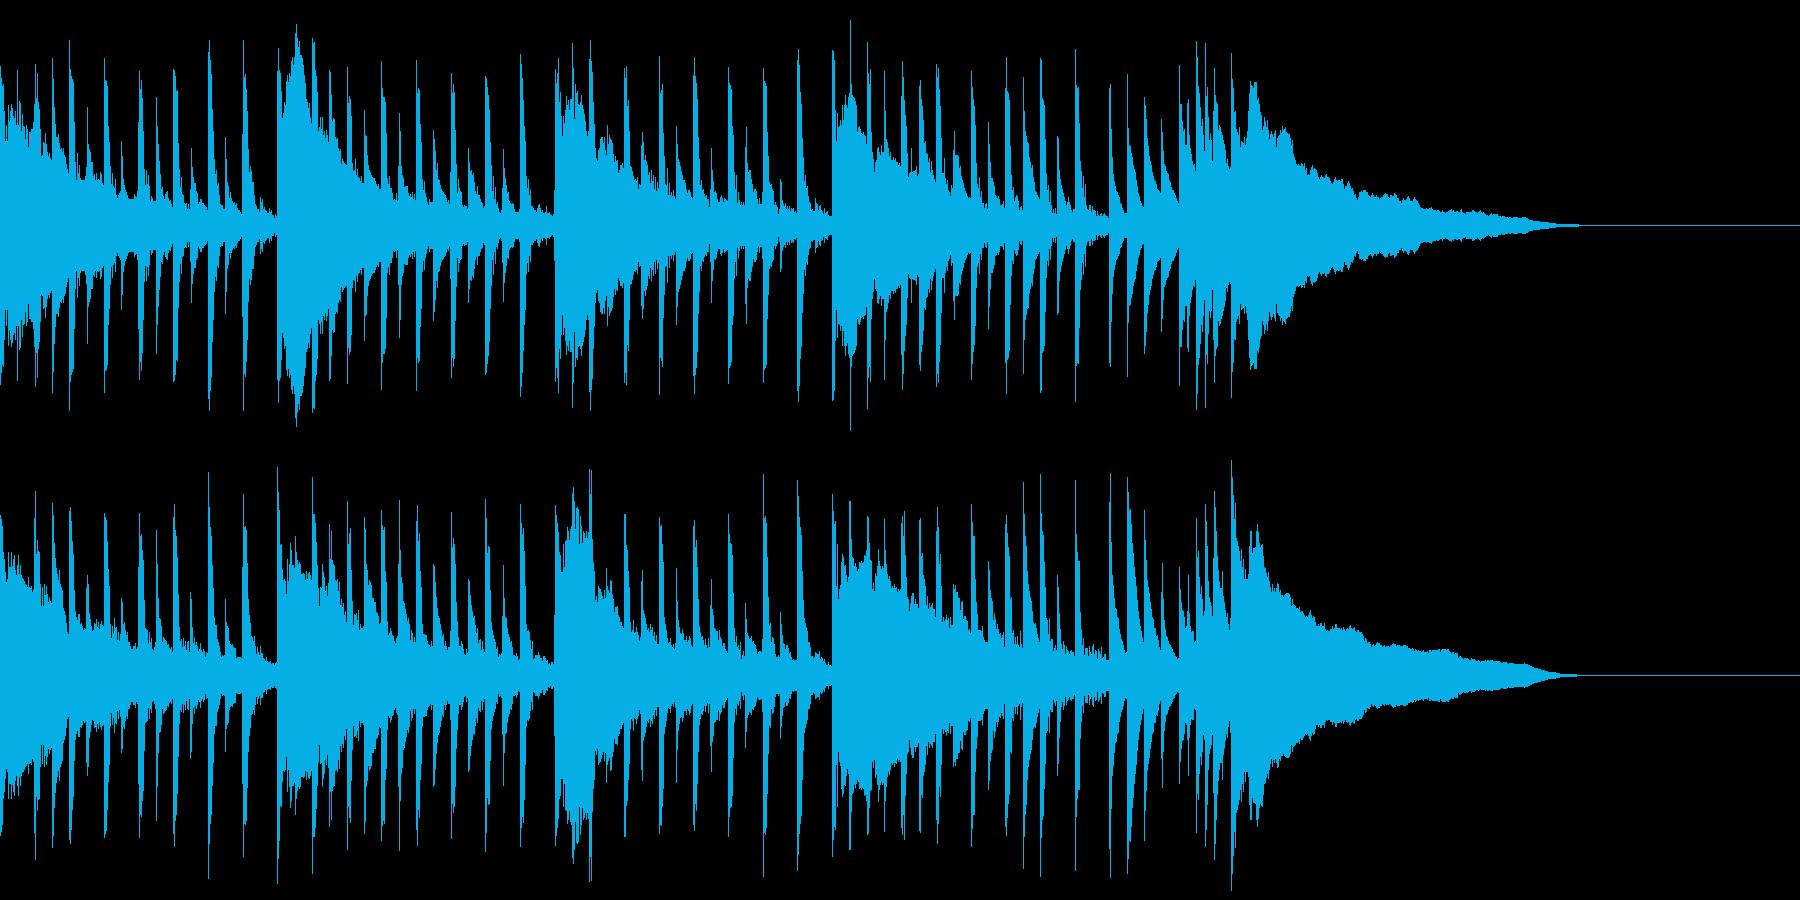 【爽やか】わくわく、感動、ストリングスの再生済みの波形